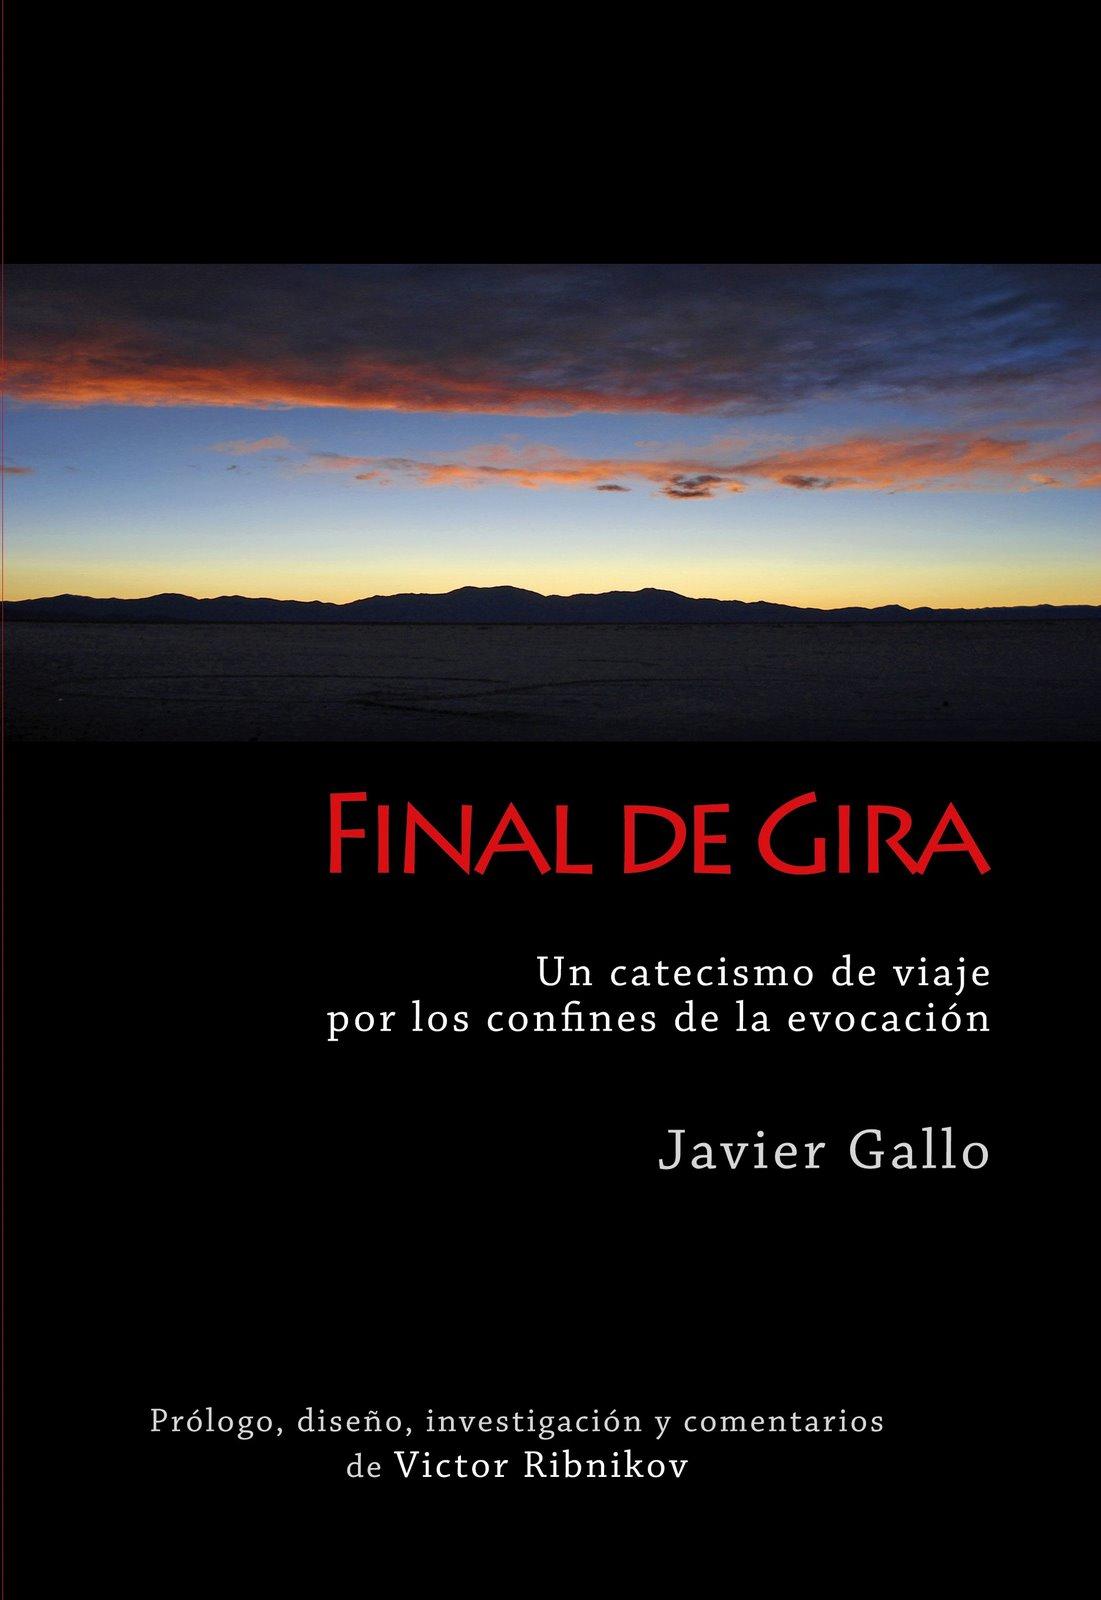 Final de Gira